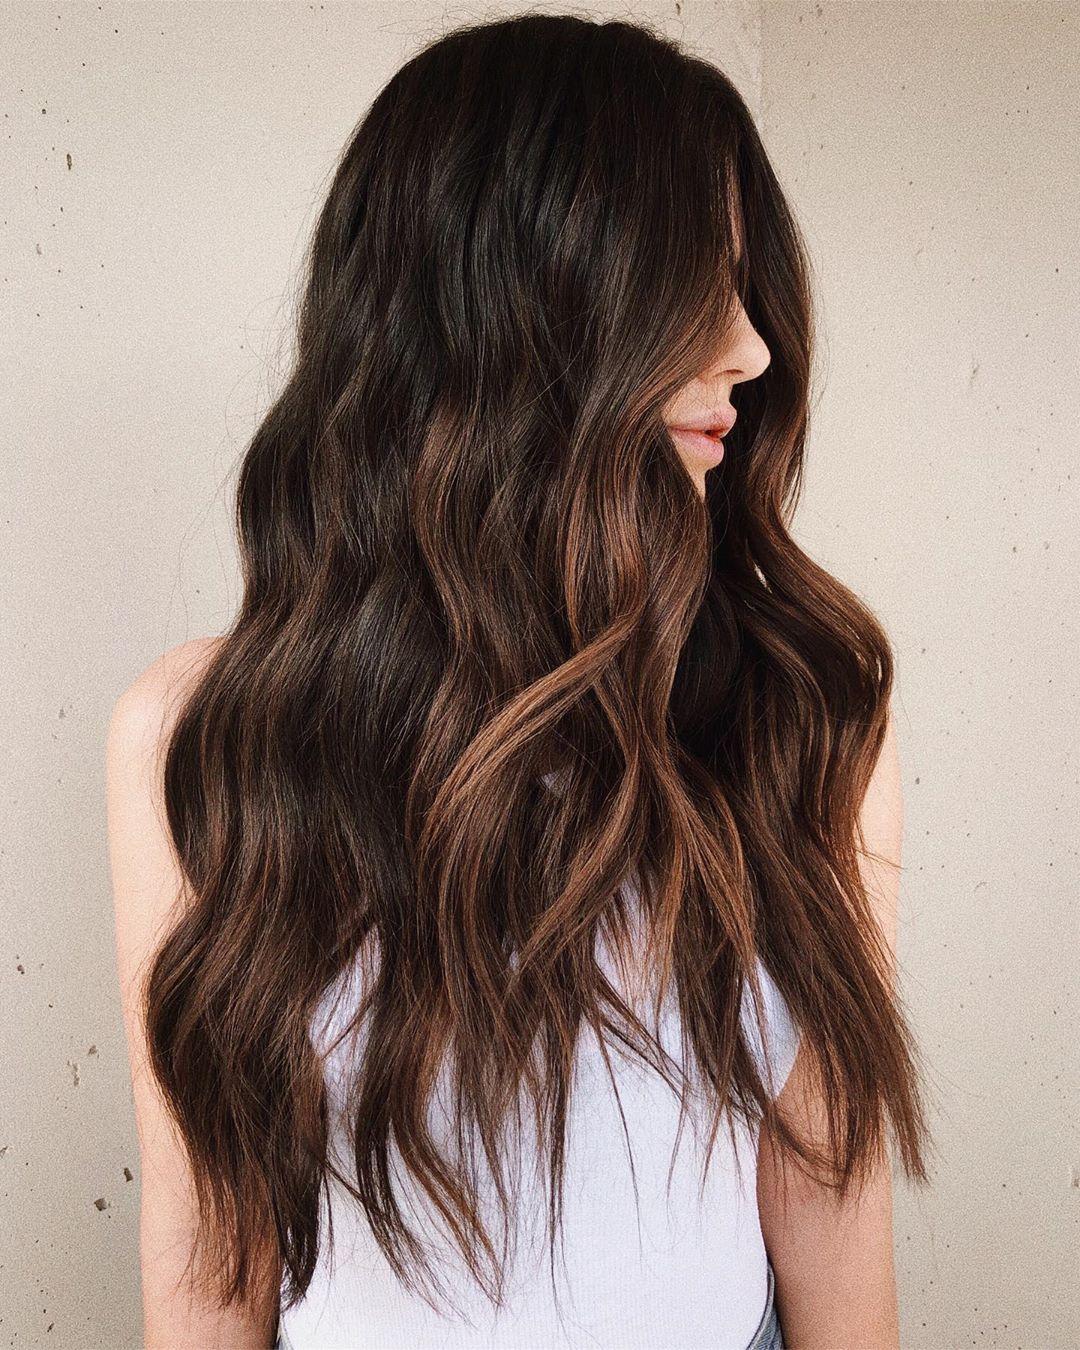 capelli castani estate 2020